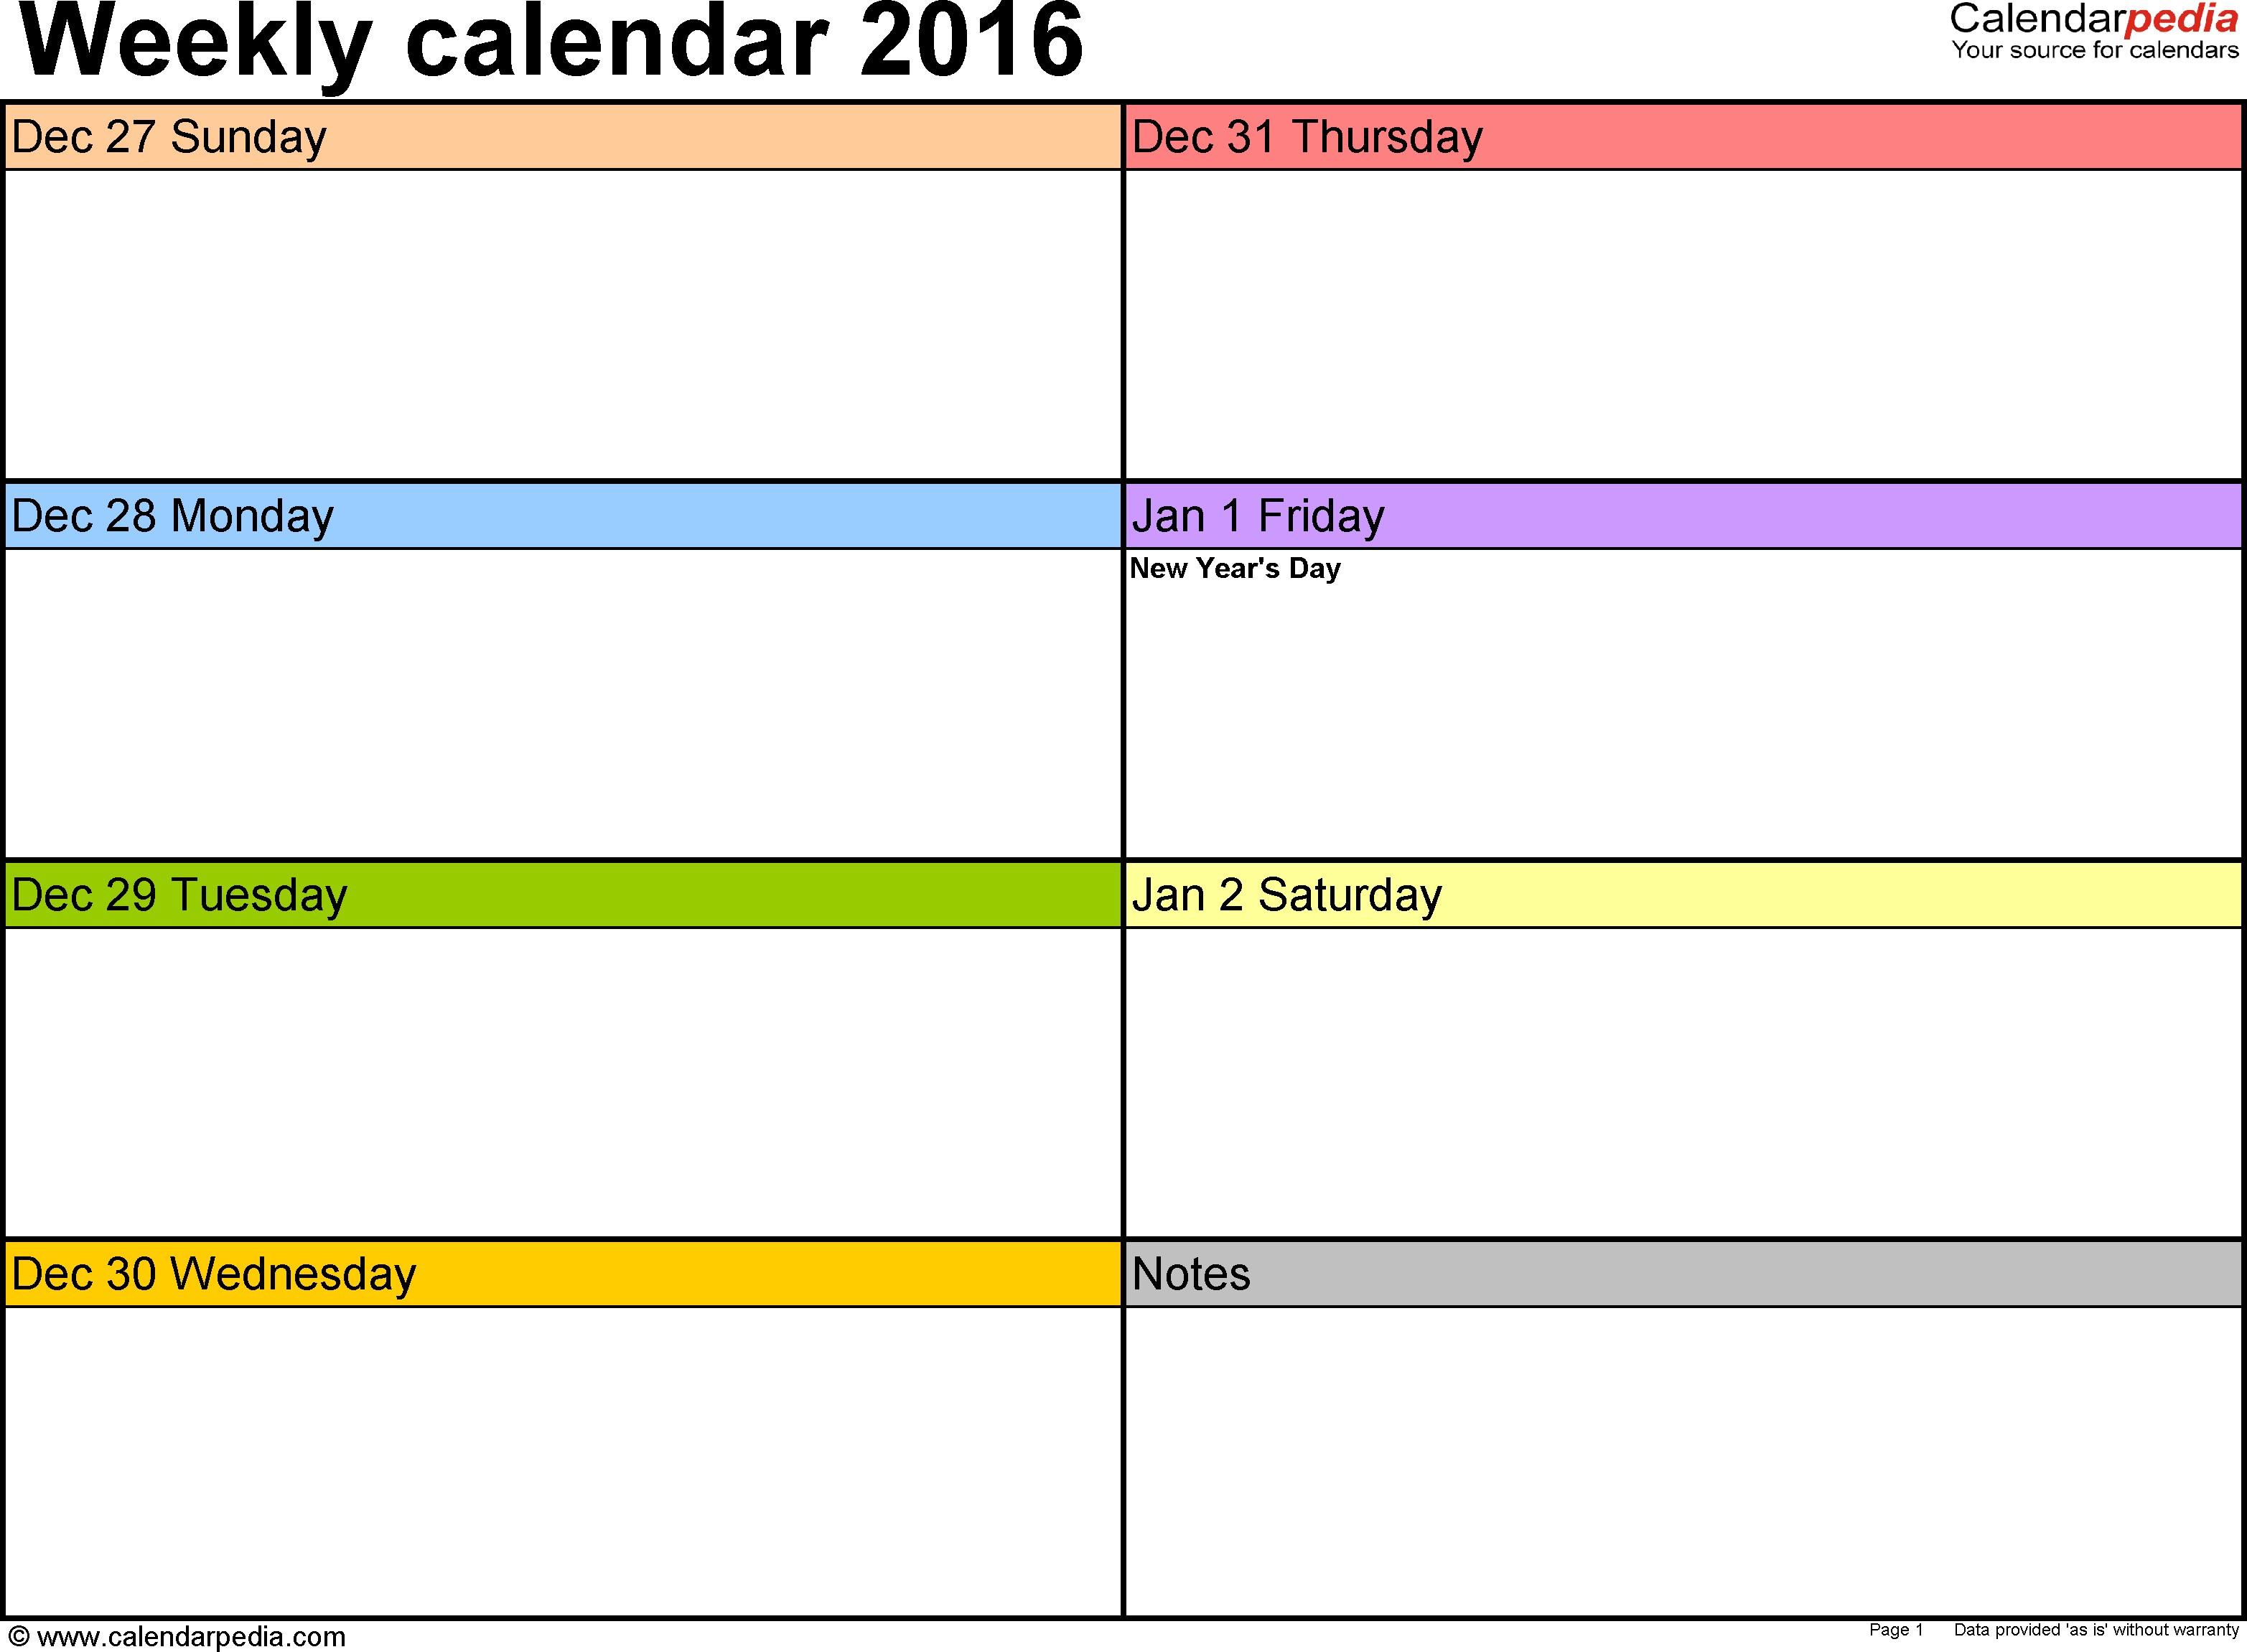 Free Printable Weekly Calendar Template Weekly Calendar 2016 for Word 12 Free Printable Templates